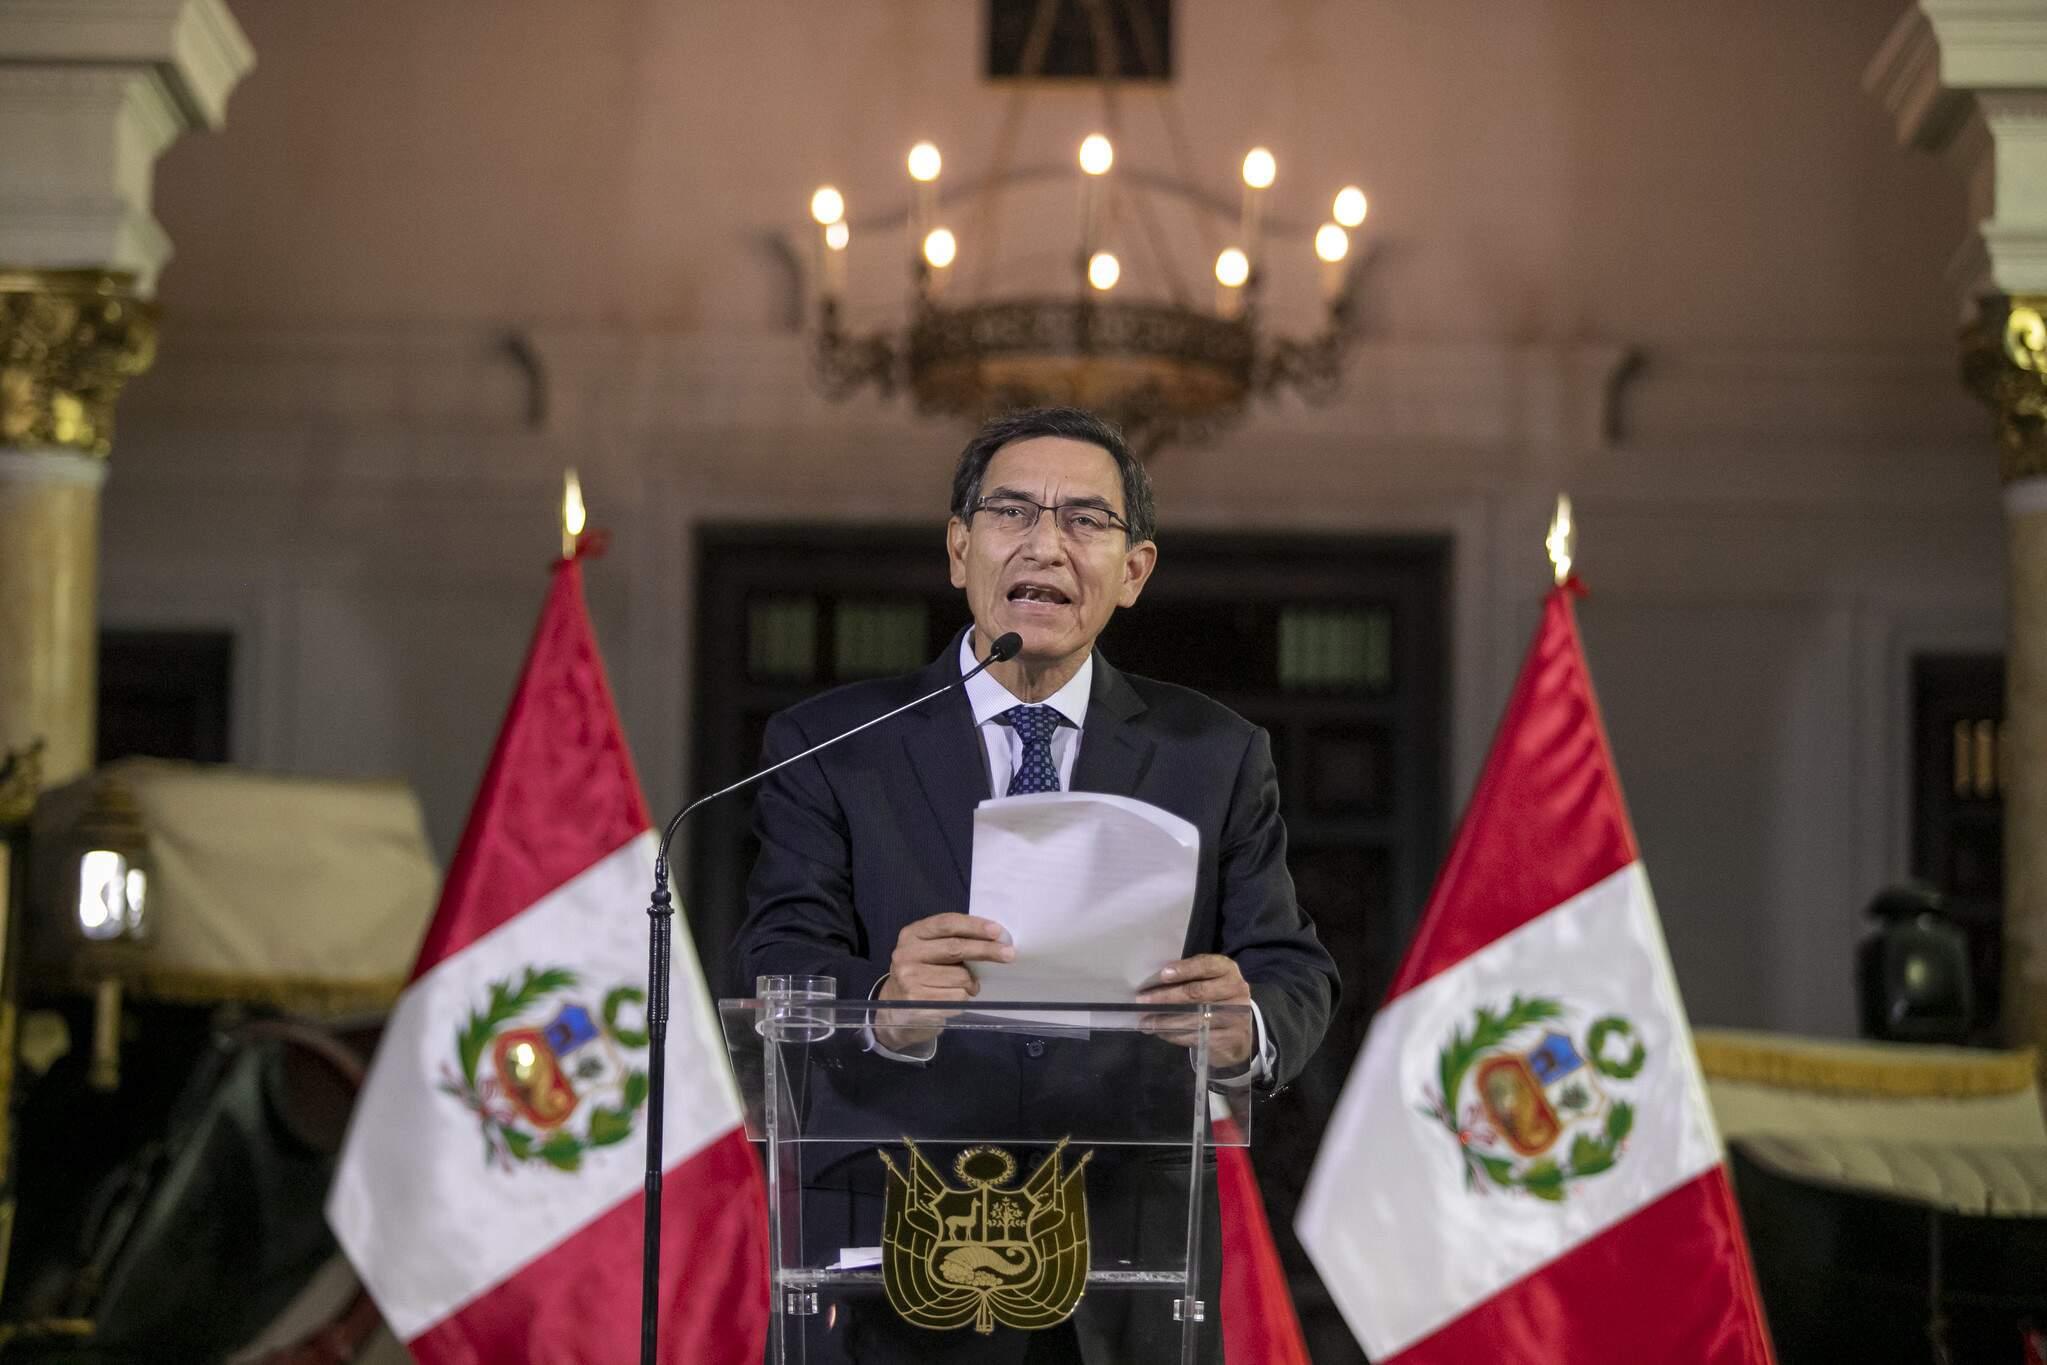 O presidente Martin Vizcarra durante´pronunciamento a nação peruana' em meio à crise no Peru. (Foto: Juan Pablo Azabache/ Fotos Públicas)